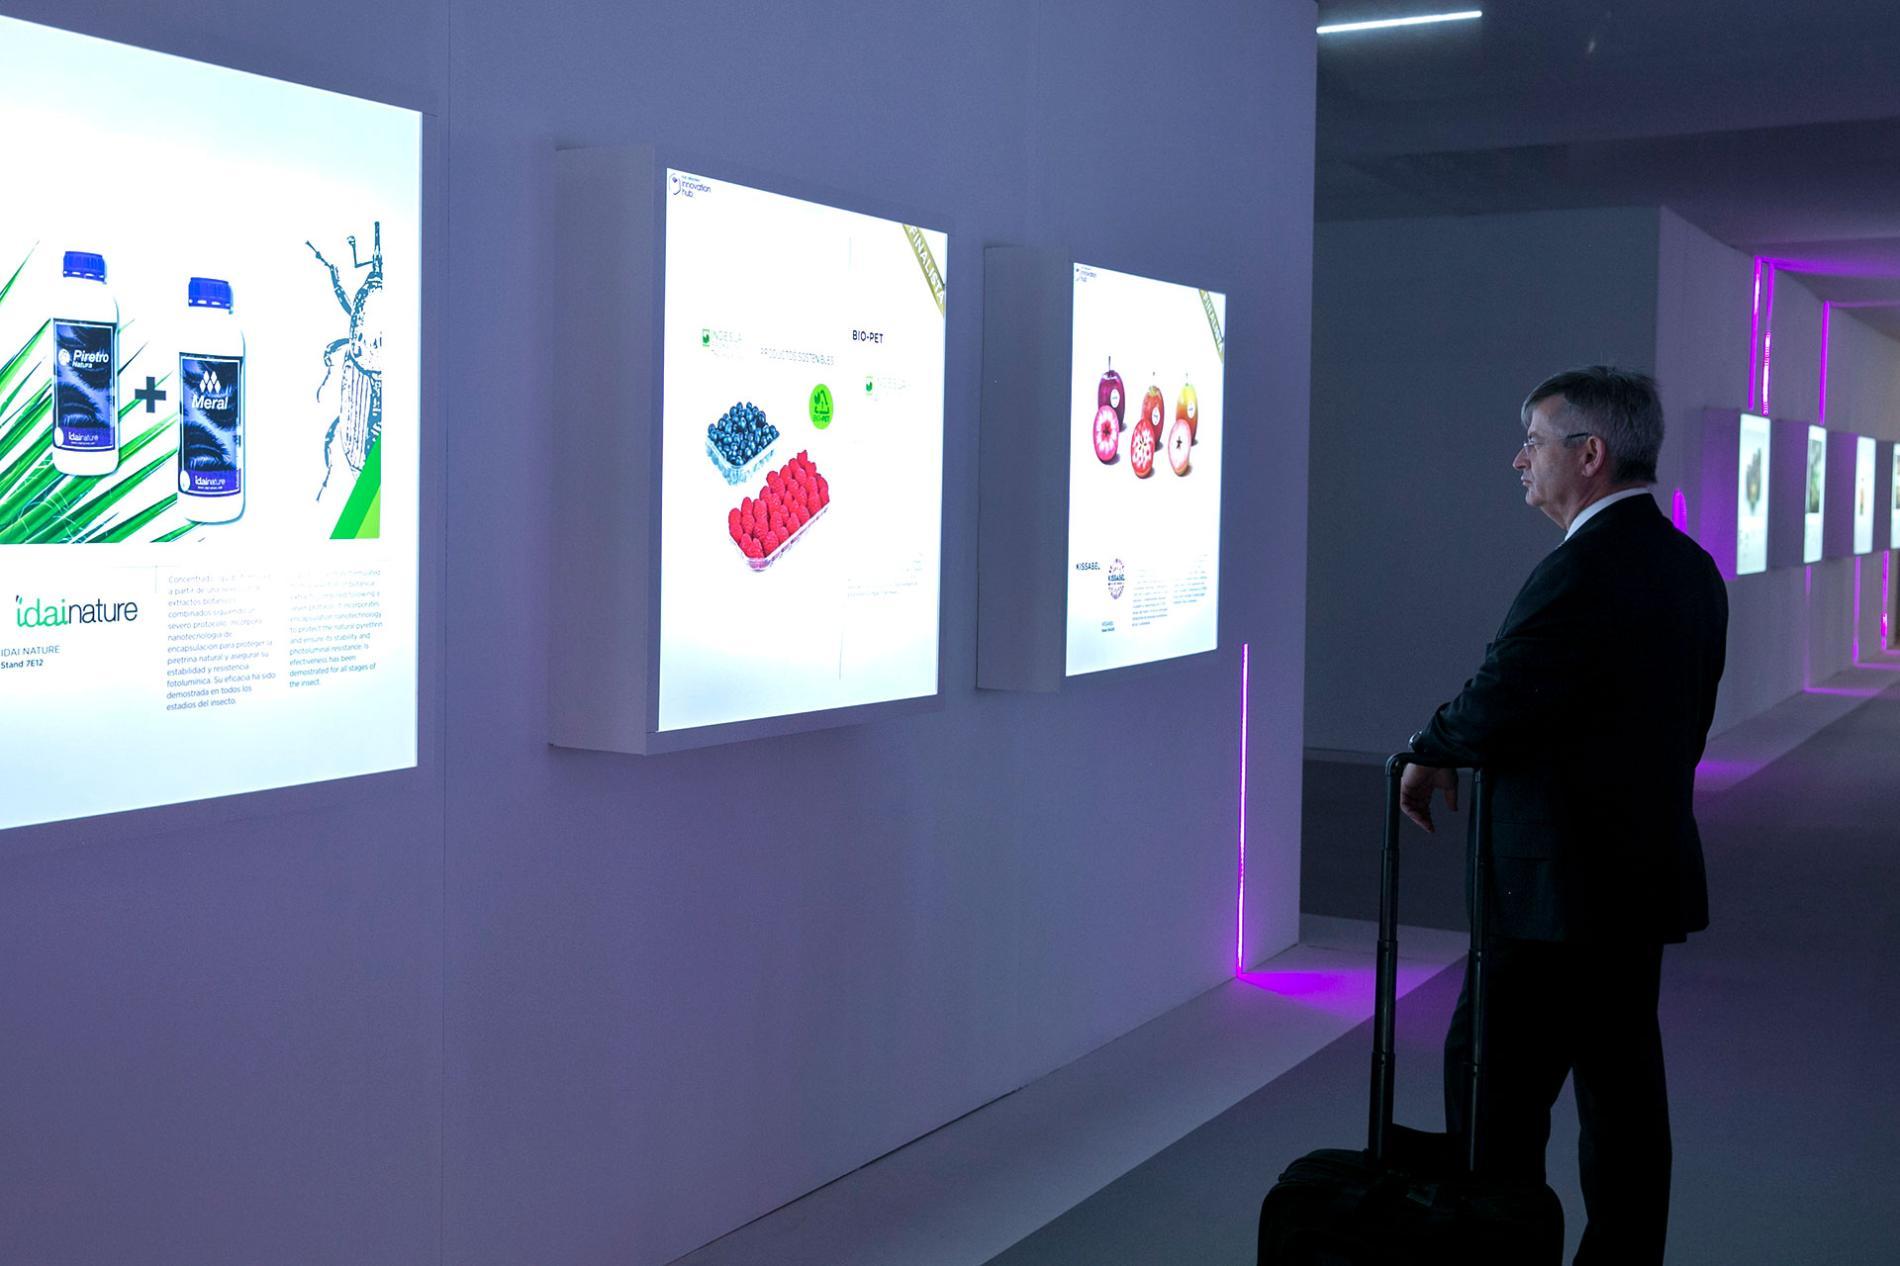 Visitante de la feria observando unos paneles luminosos con información